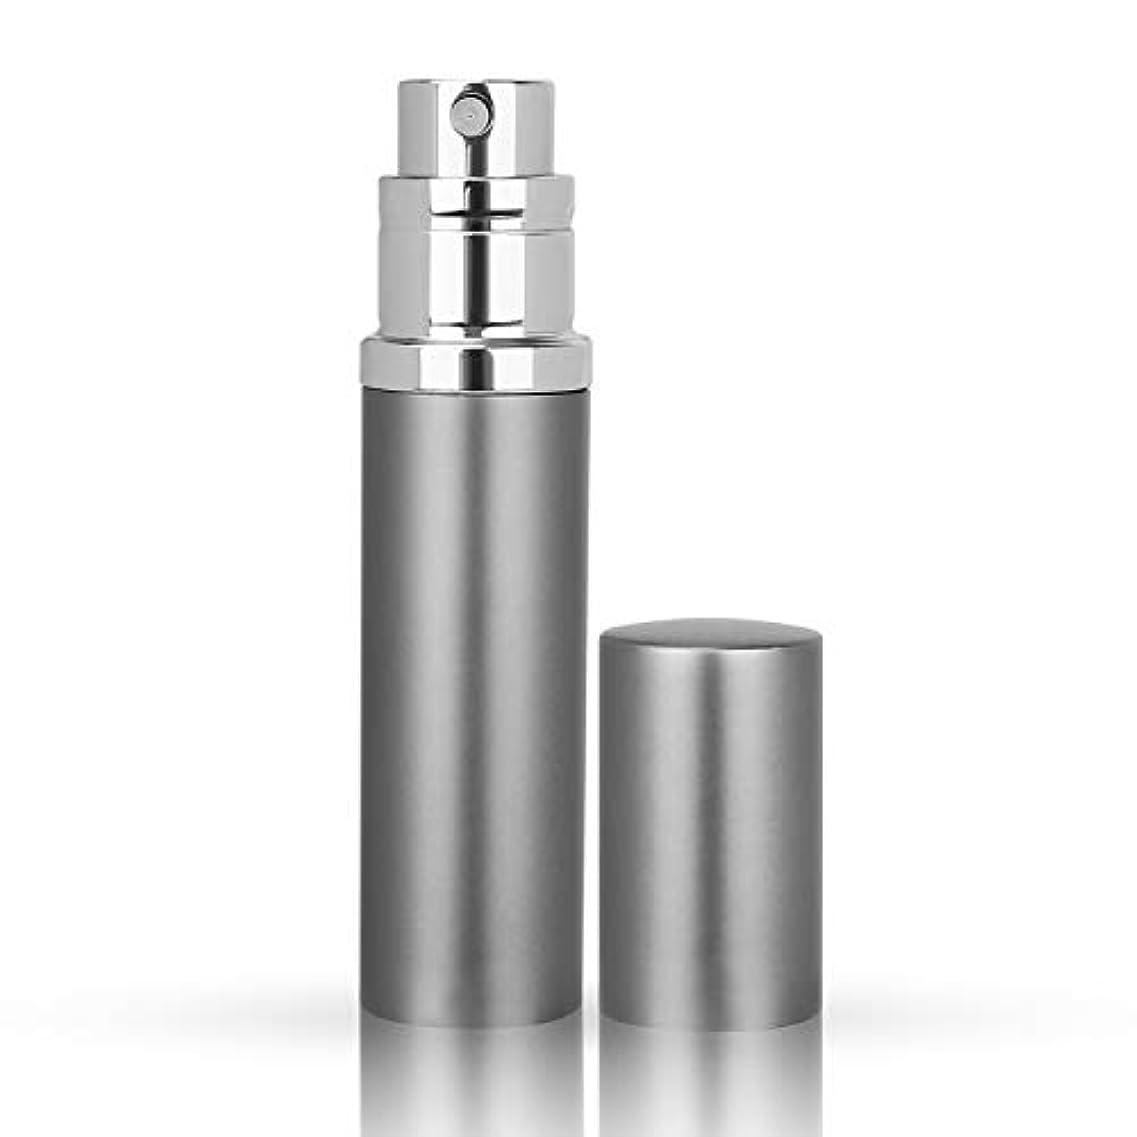 お肉ネックレット援助MOOMU アトマイザー 香水スプレー 噴霧器 詰め替え容器 底部充填方式 携帯用5ml (シルバー Silver)